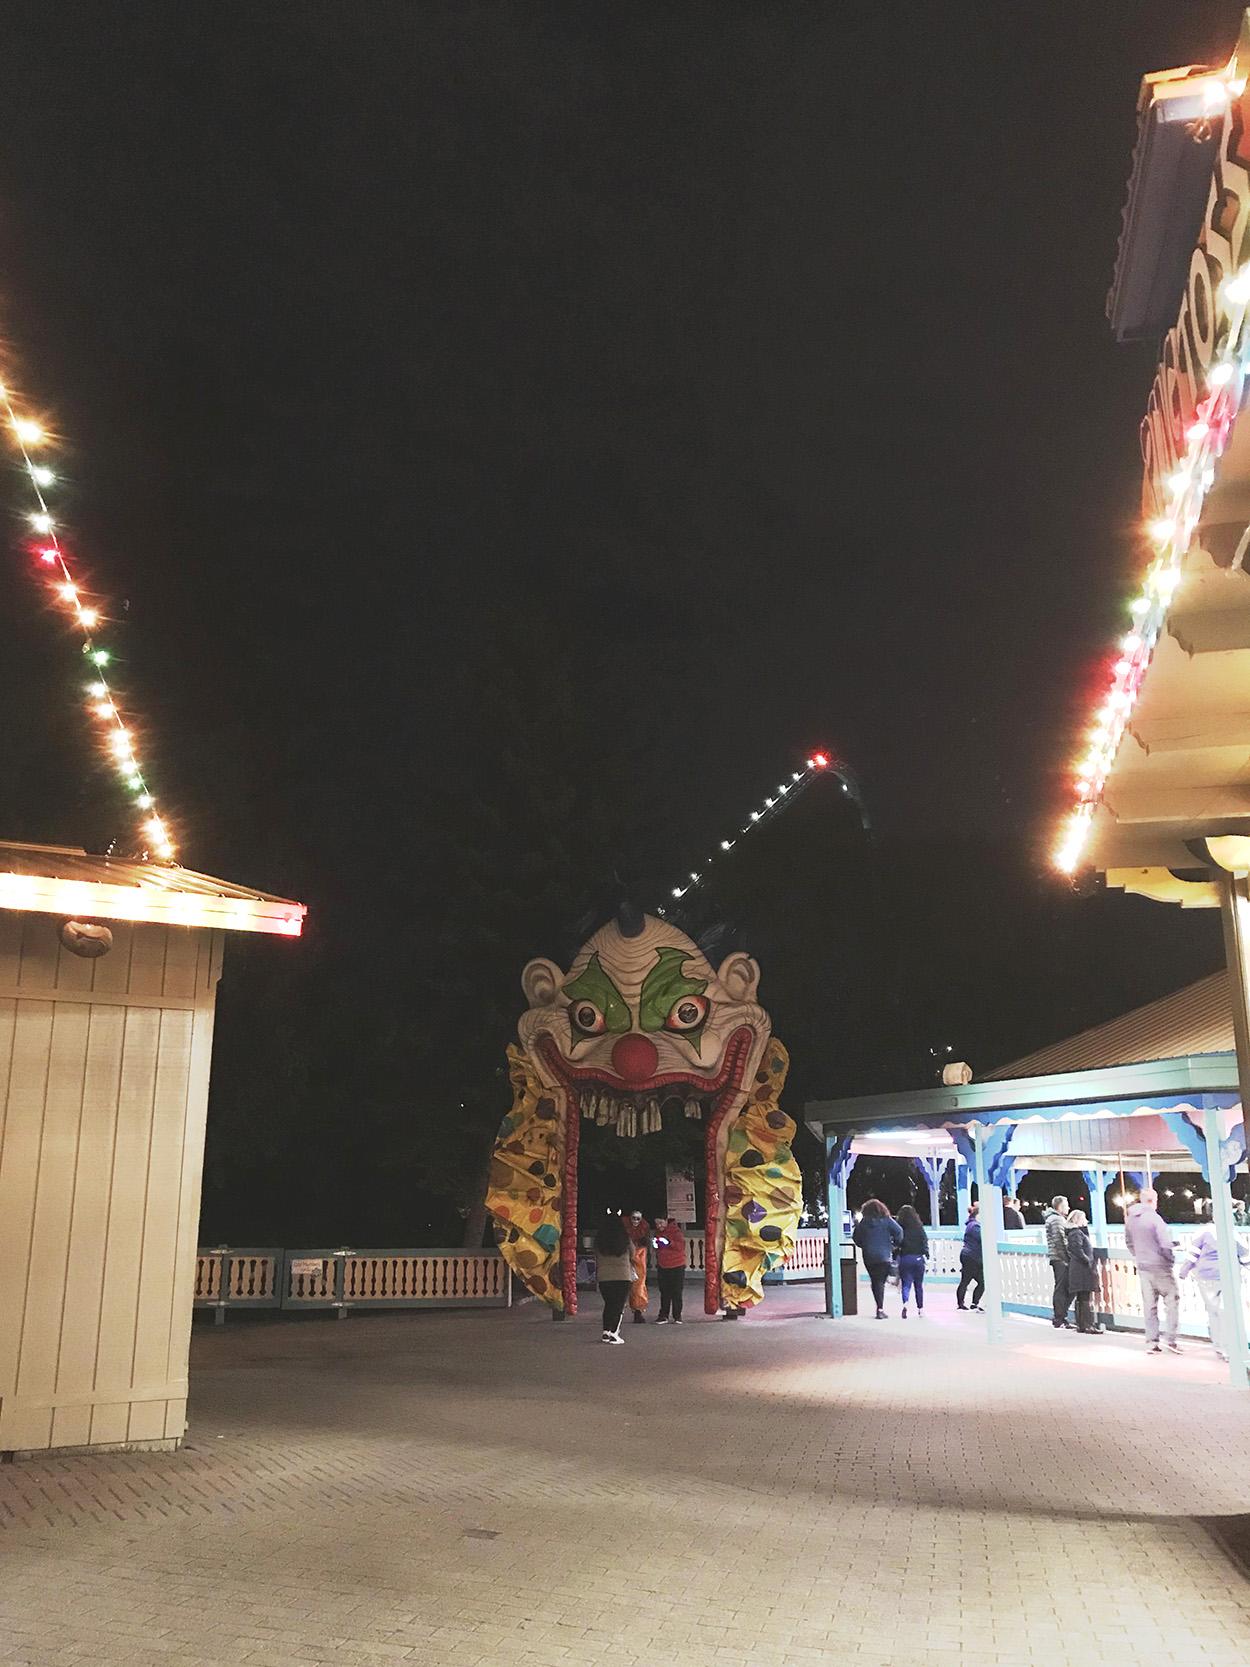 Halloween Haunt at Canada's Wonderland in Vaughan, Ontario